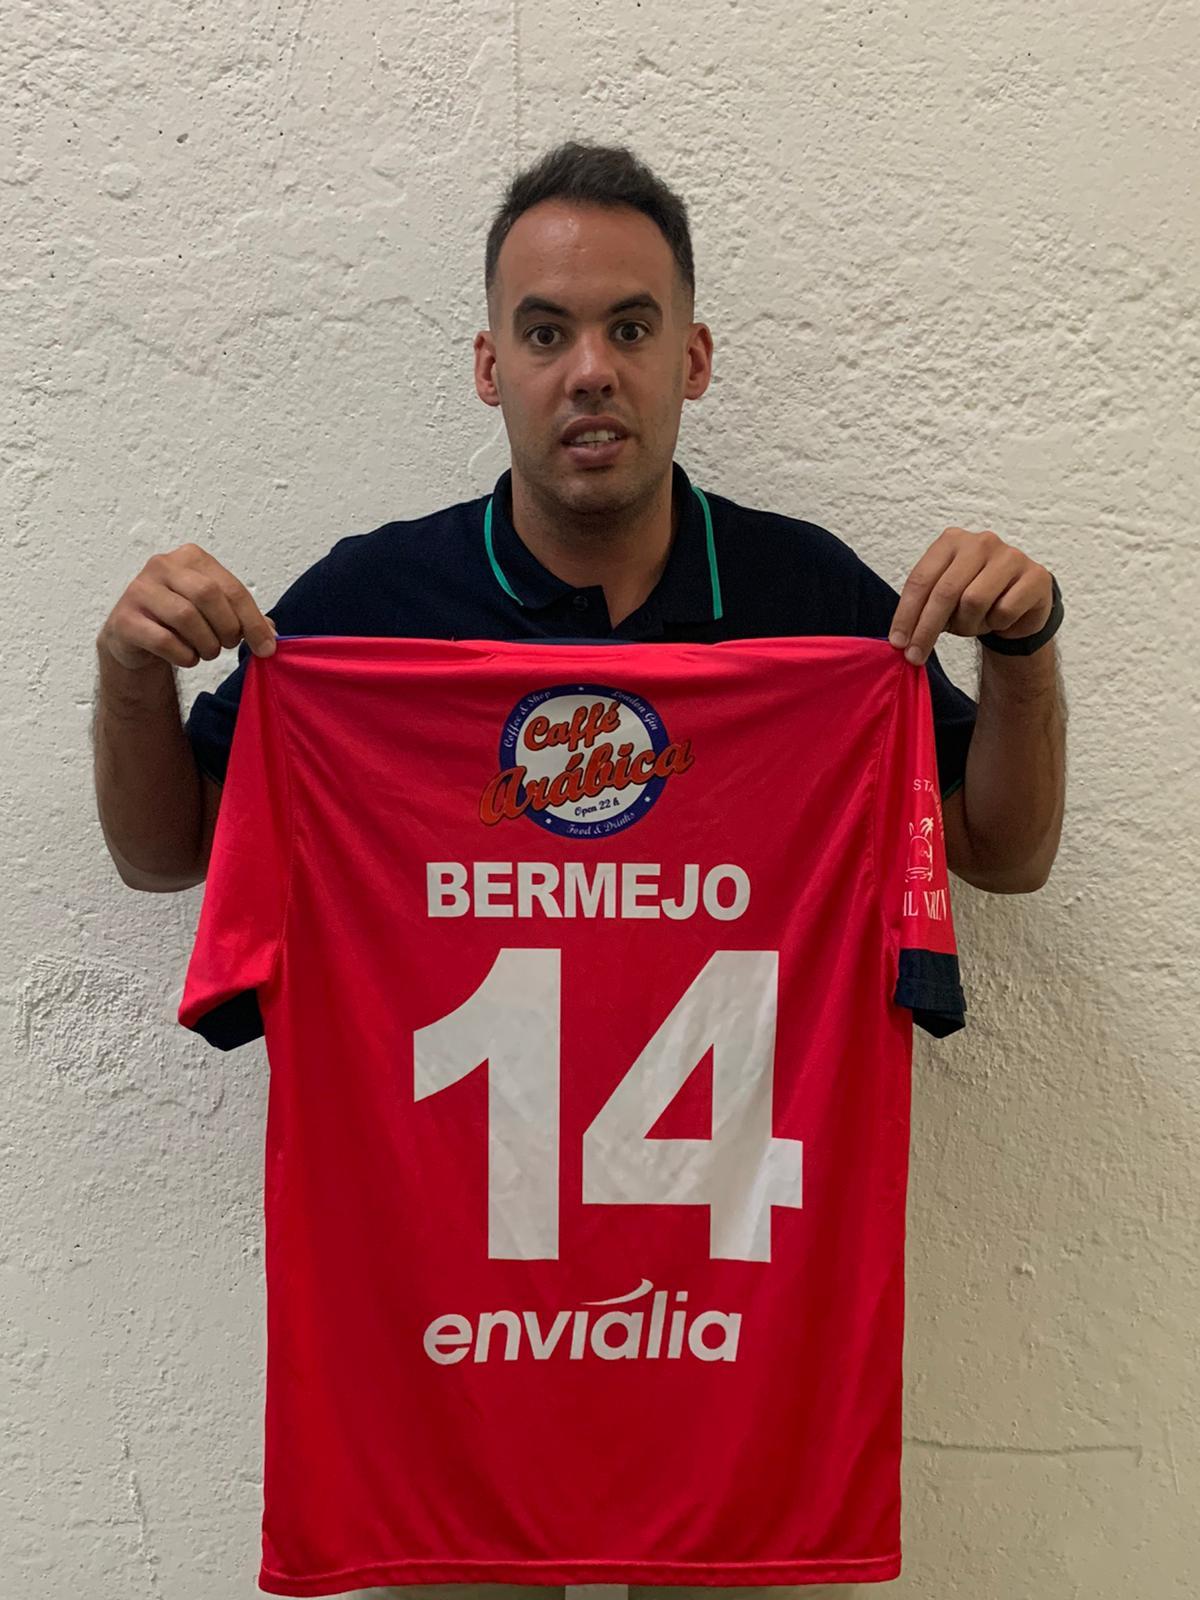 El Sala Ourense confirma la renovación de David Bermejo